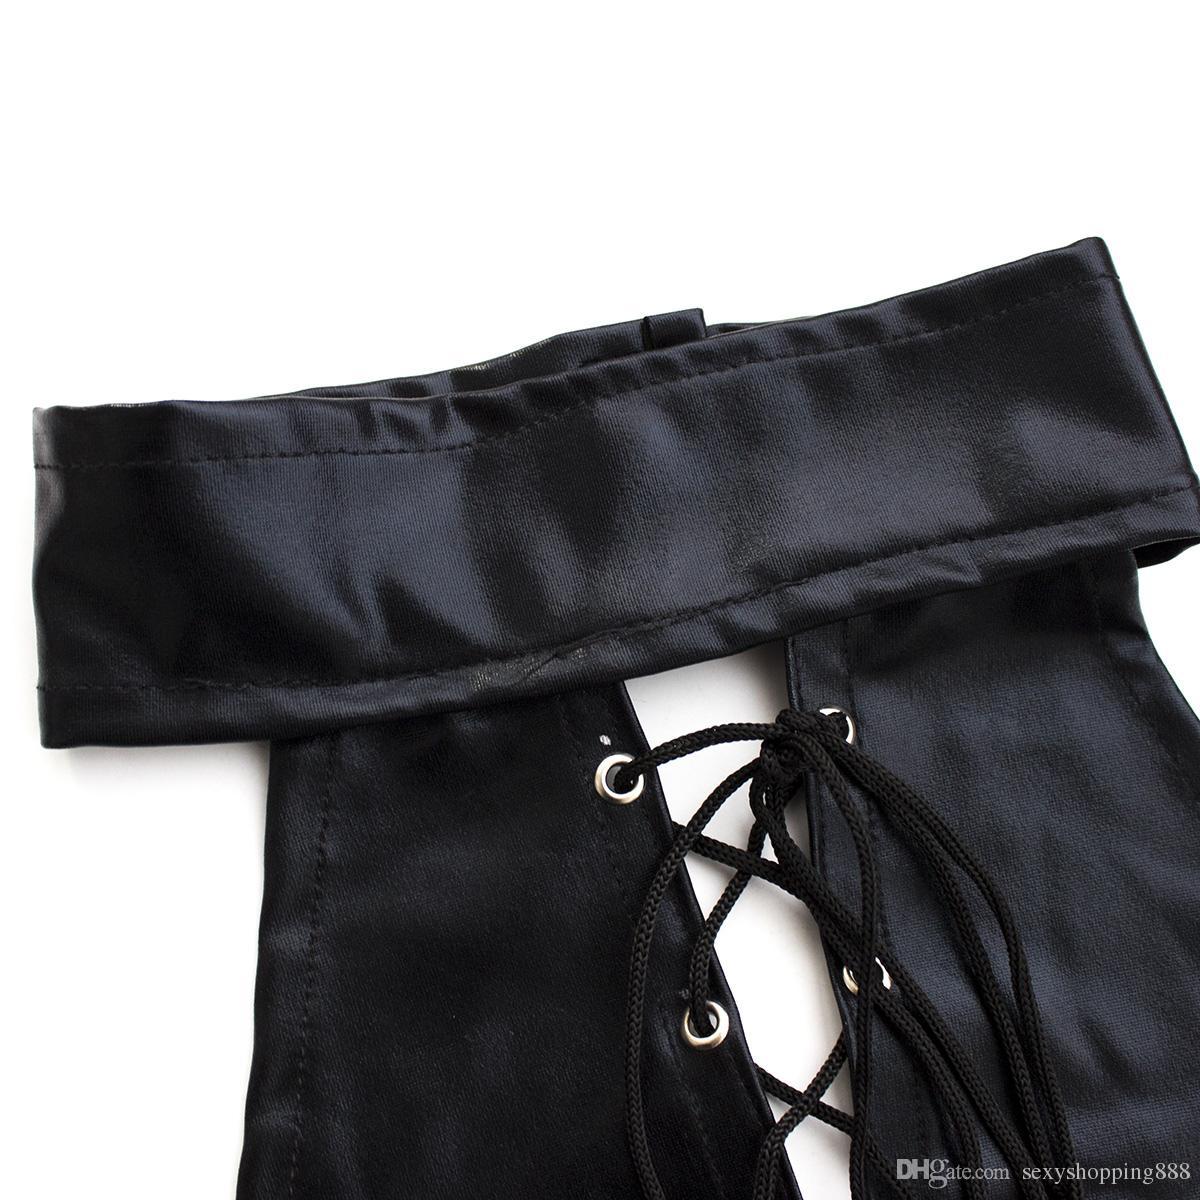 Peluches Lingerie Sexy Para As Mulheres de Couro De Patente Macacão de Látex Vestido Sexual Trajes de Jogo Sexo Senhora Roupa Interior Produtos Do Sexo Desgaste Do Sexo Adulto